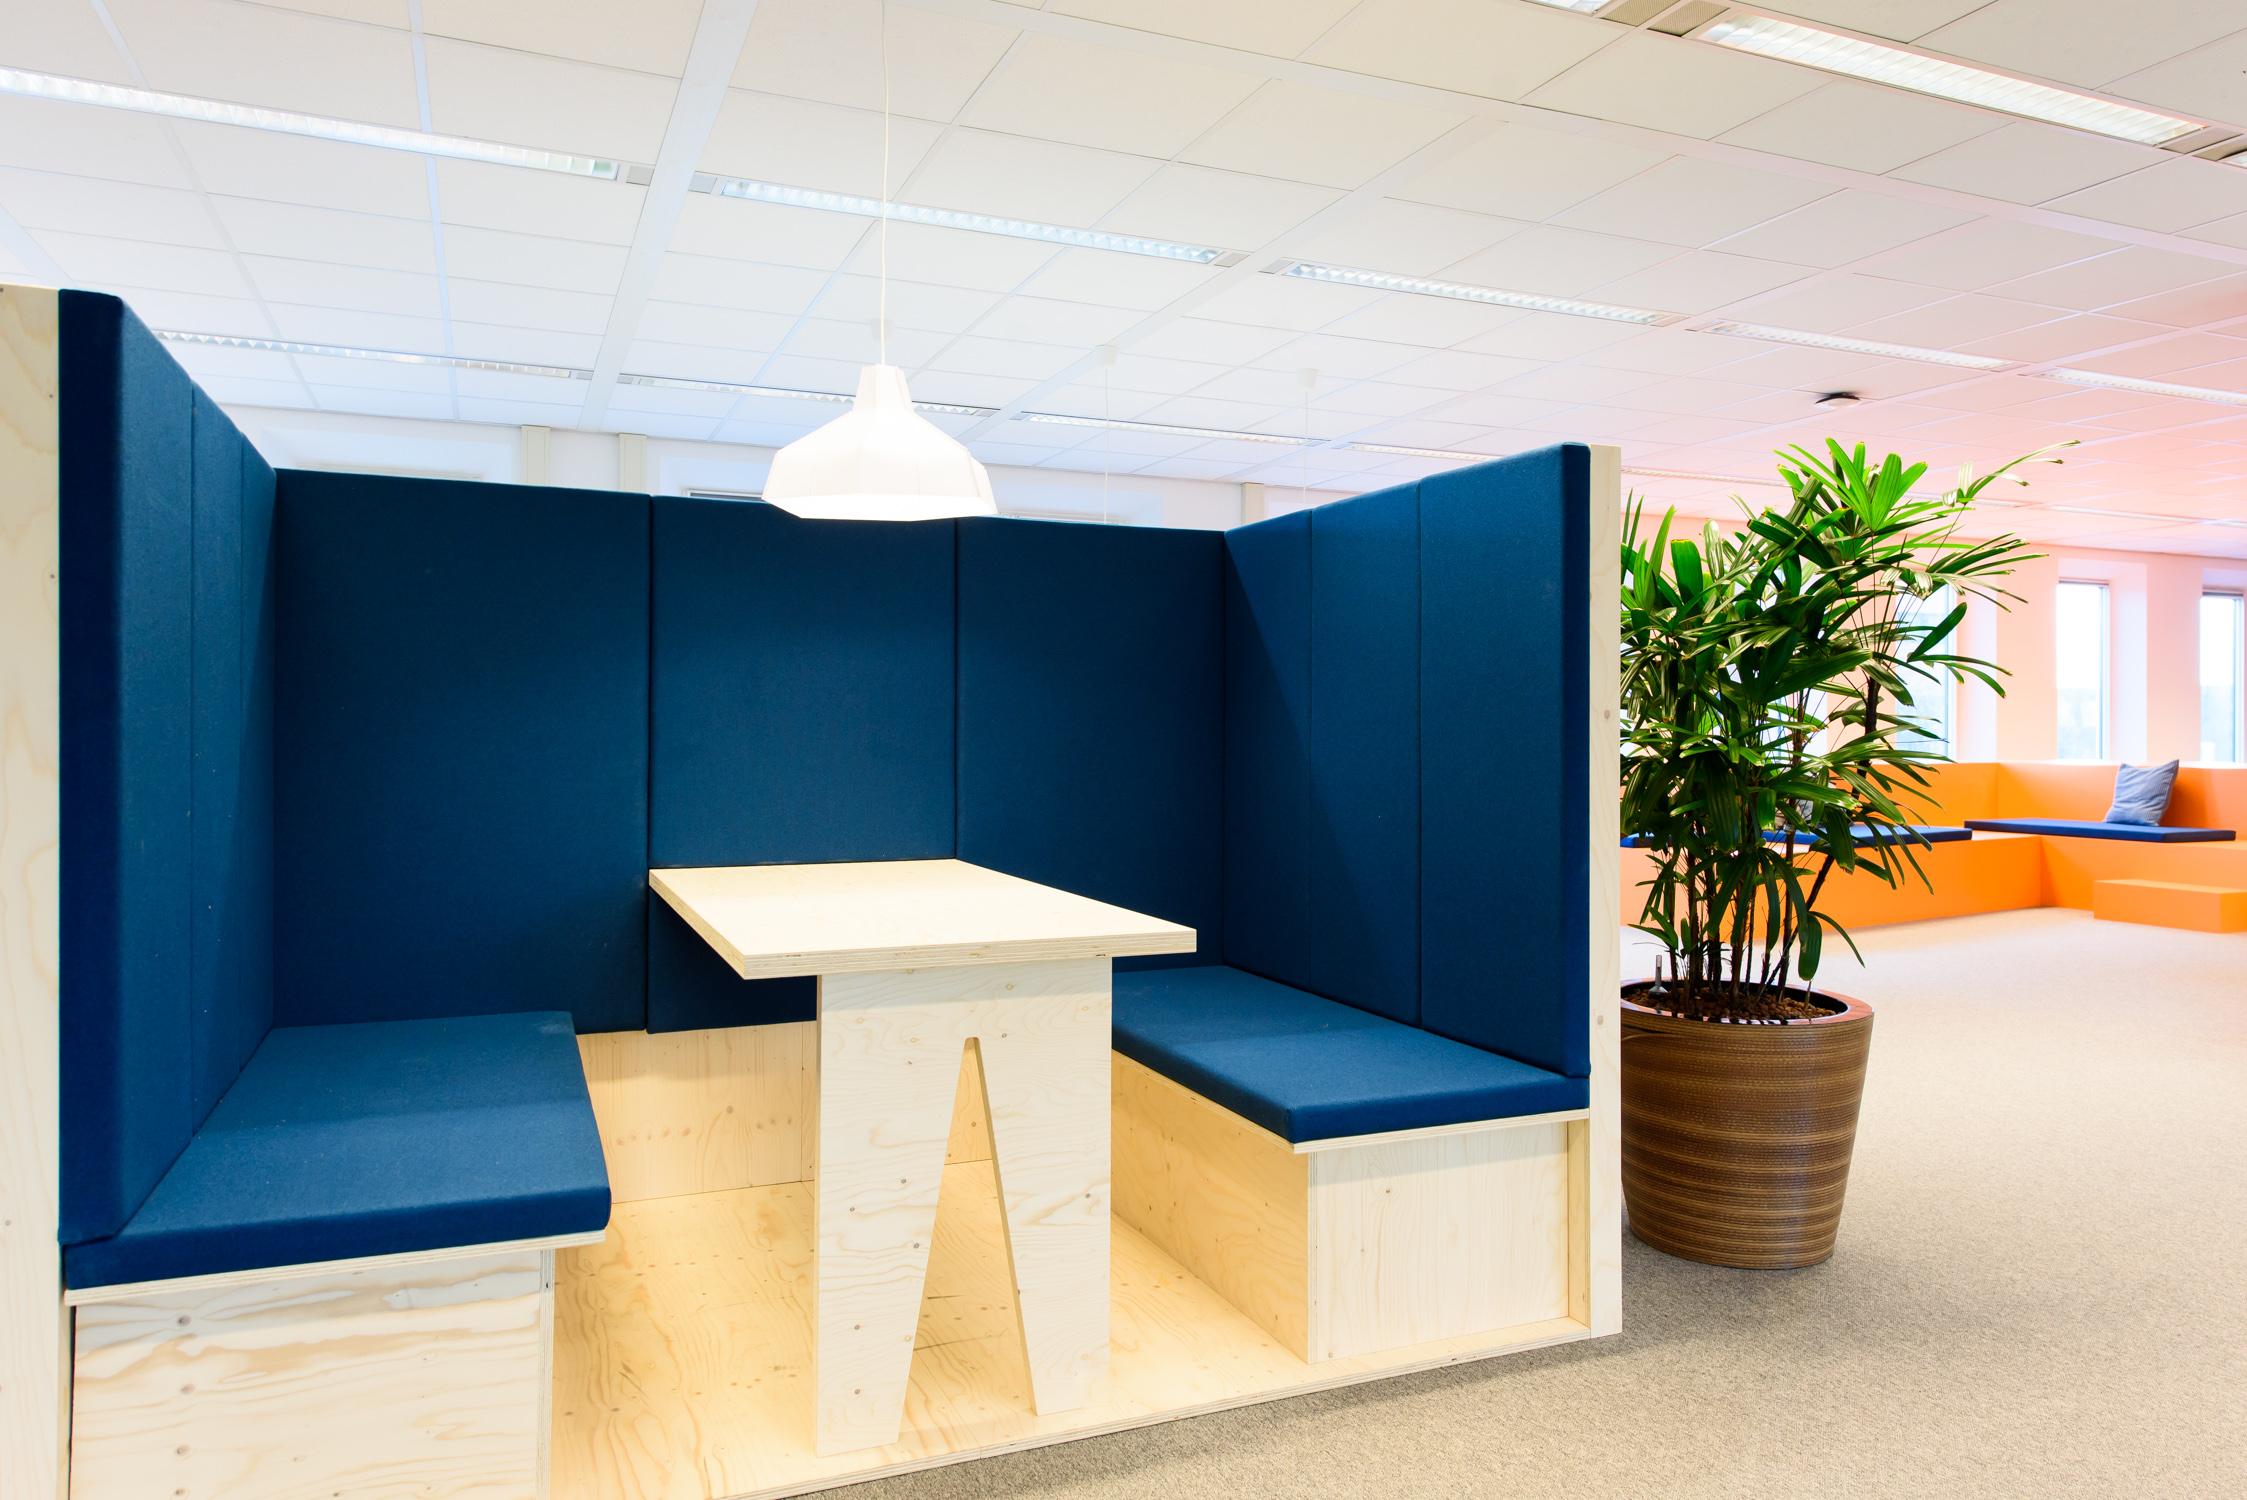 graydon-kantoor-061117_100.jpg